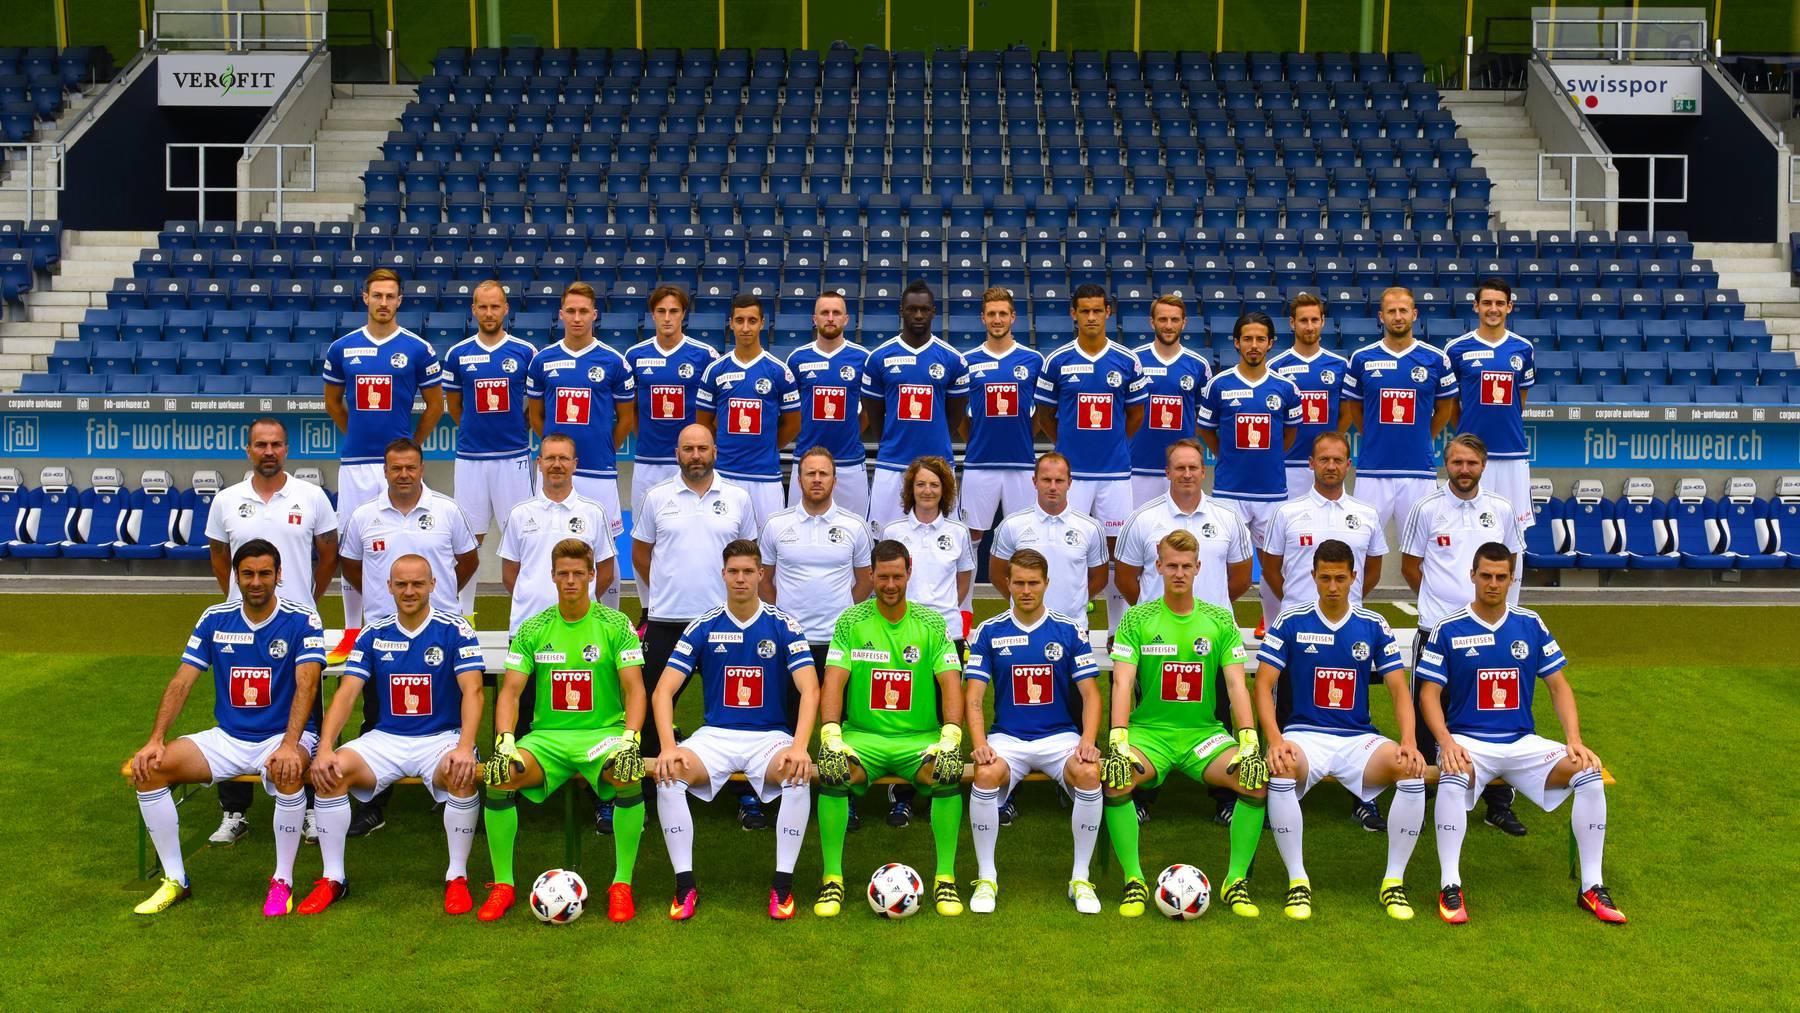 FCL startet in die Super League Saison 2016/17